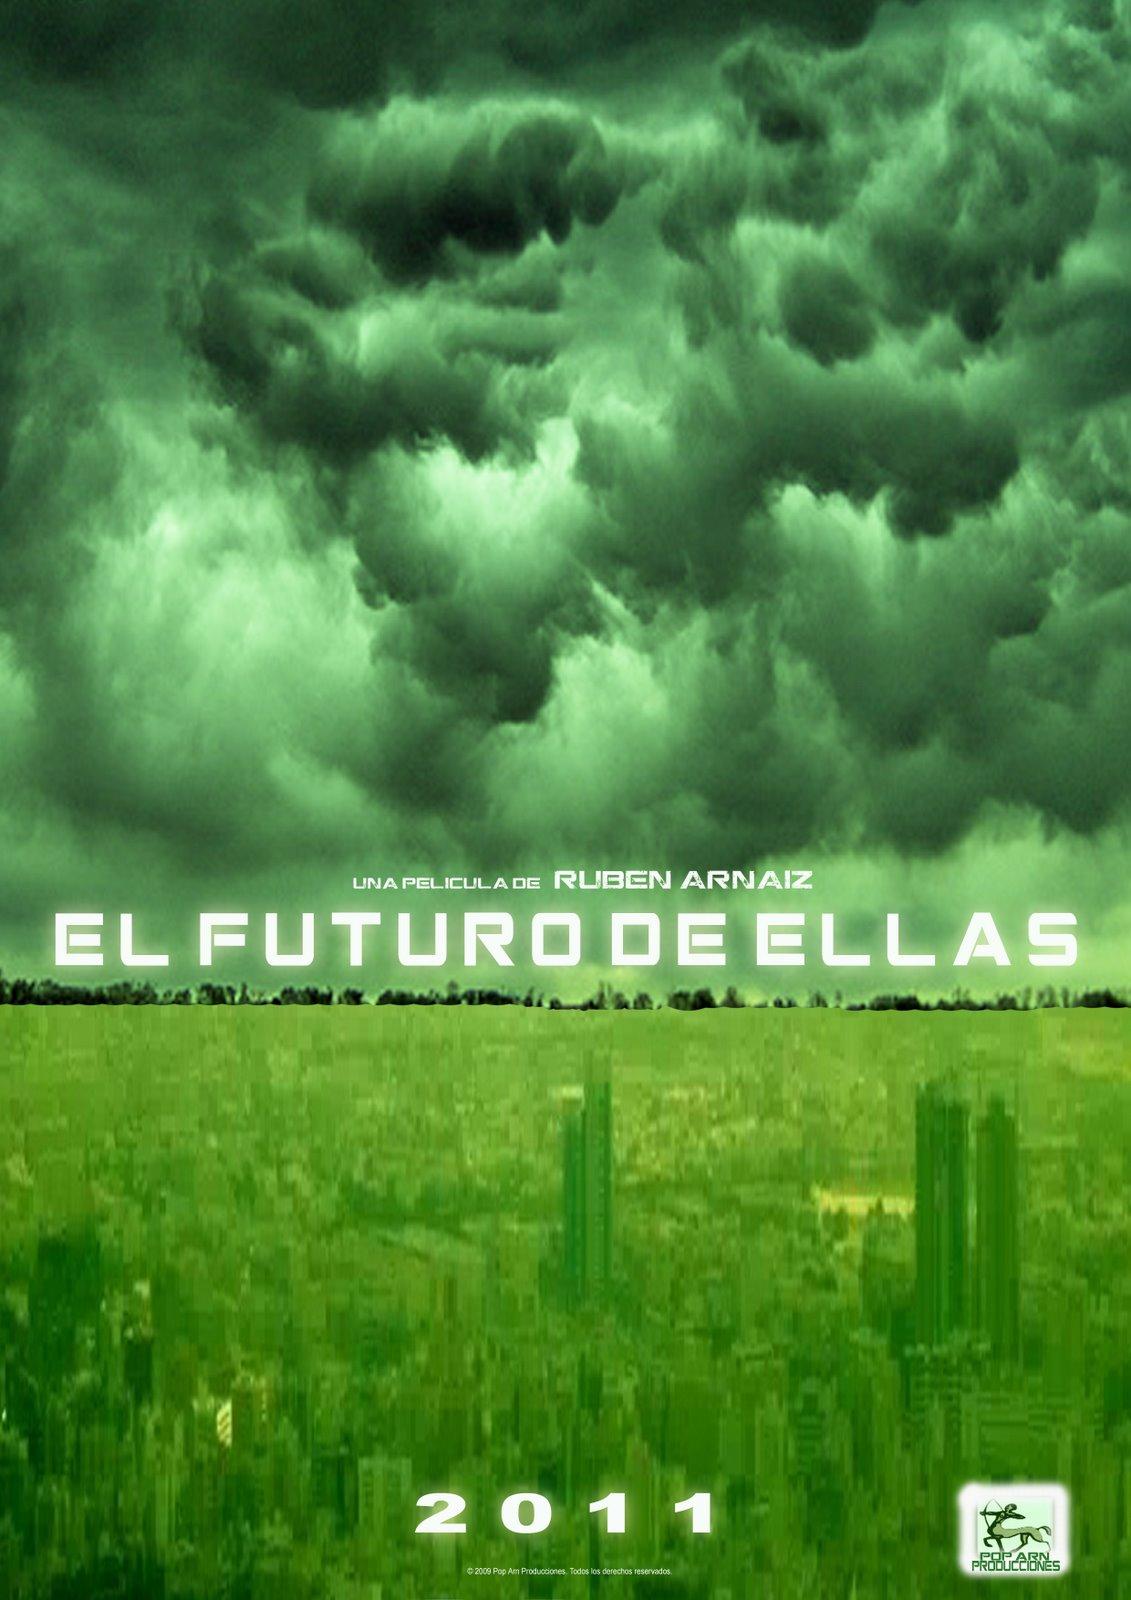 Movie Poster: El futuro de ellas (2011 film)